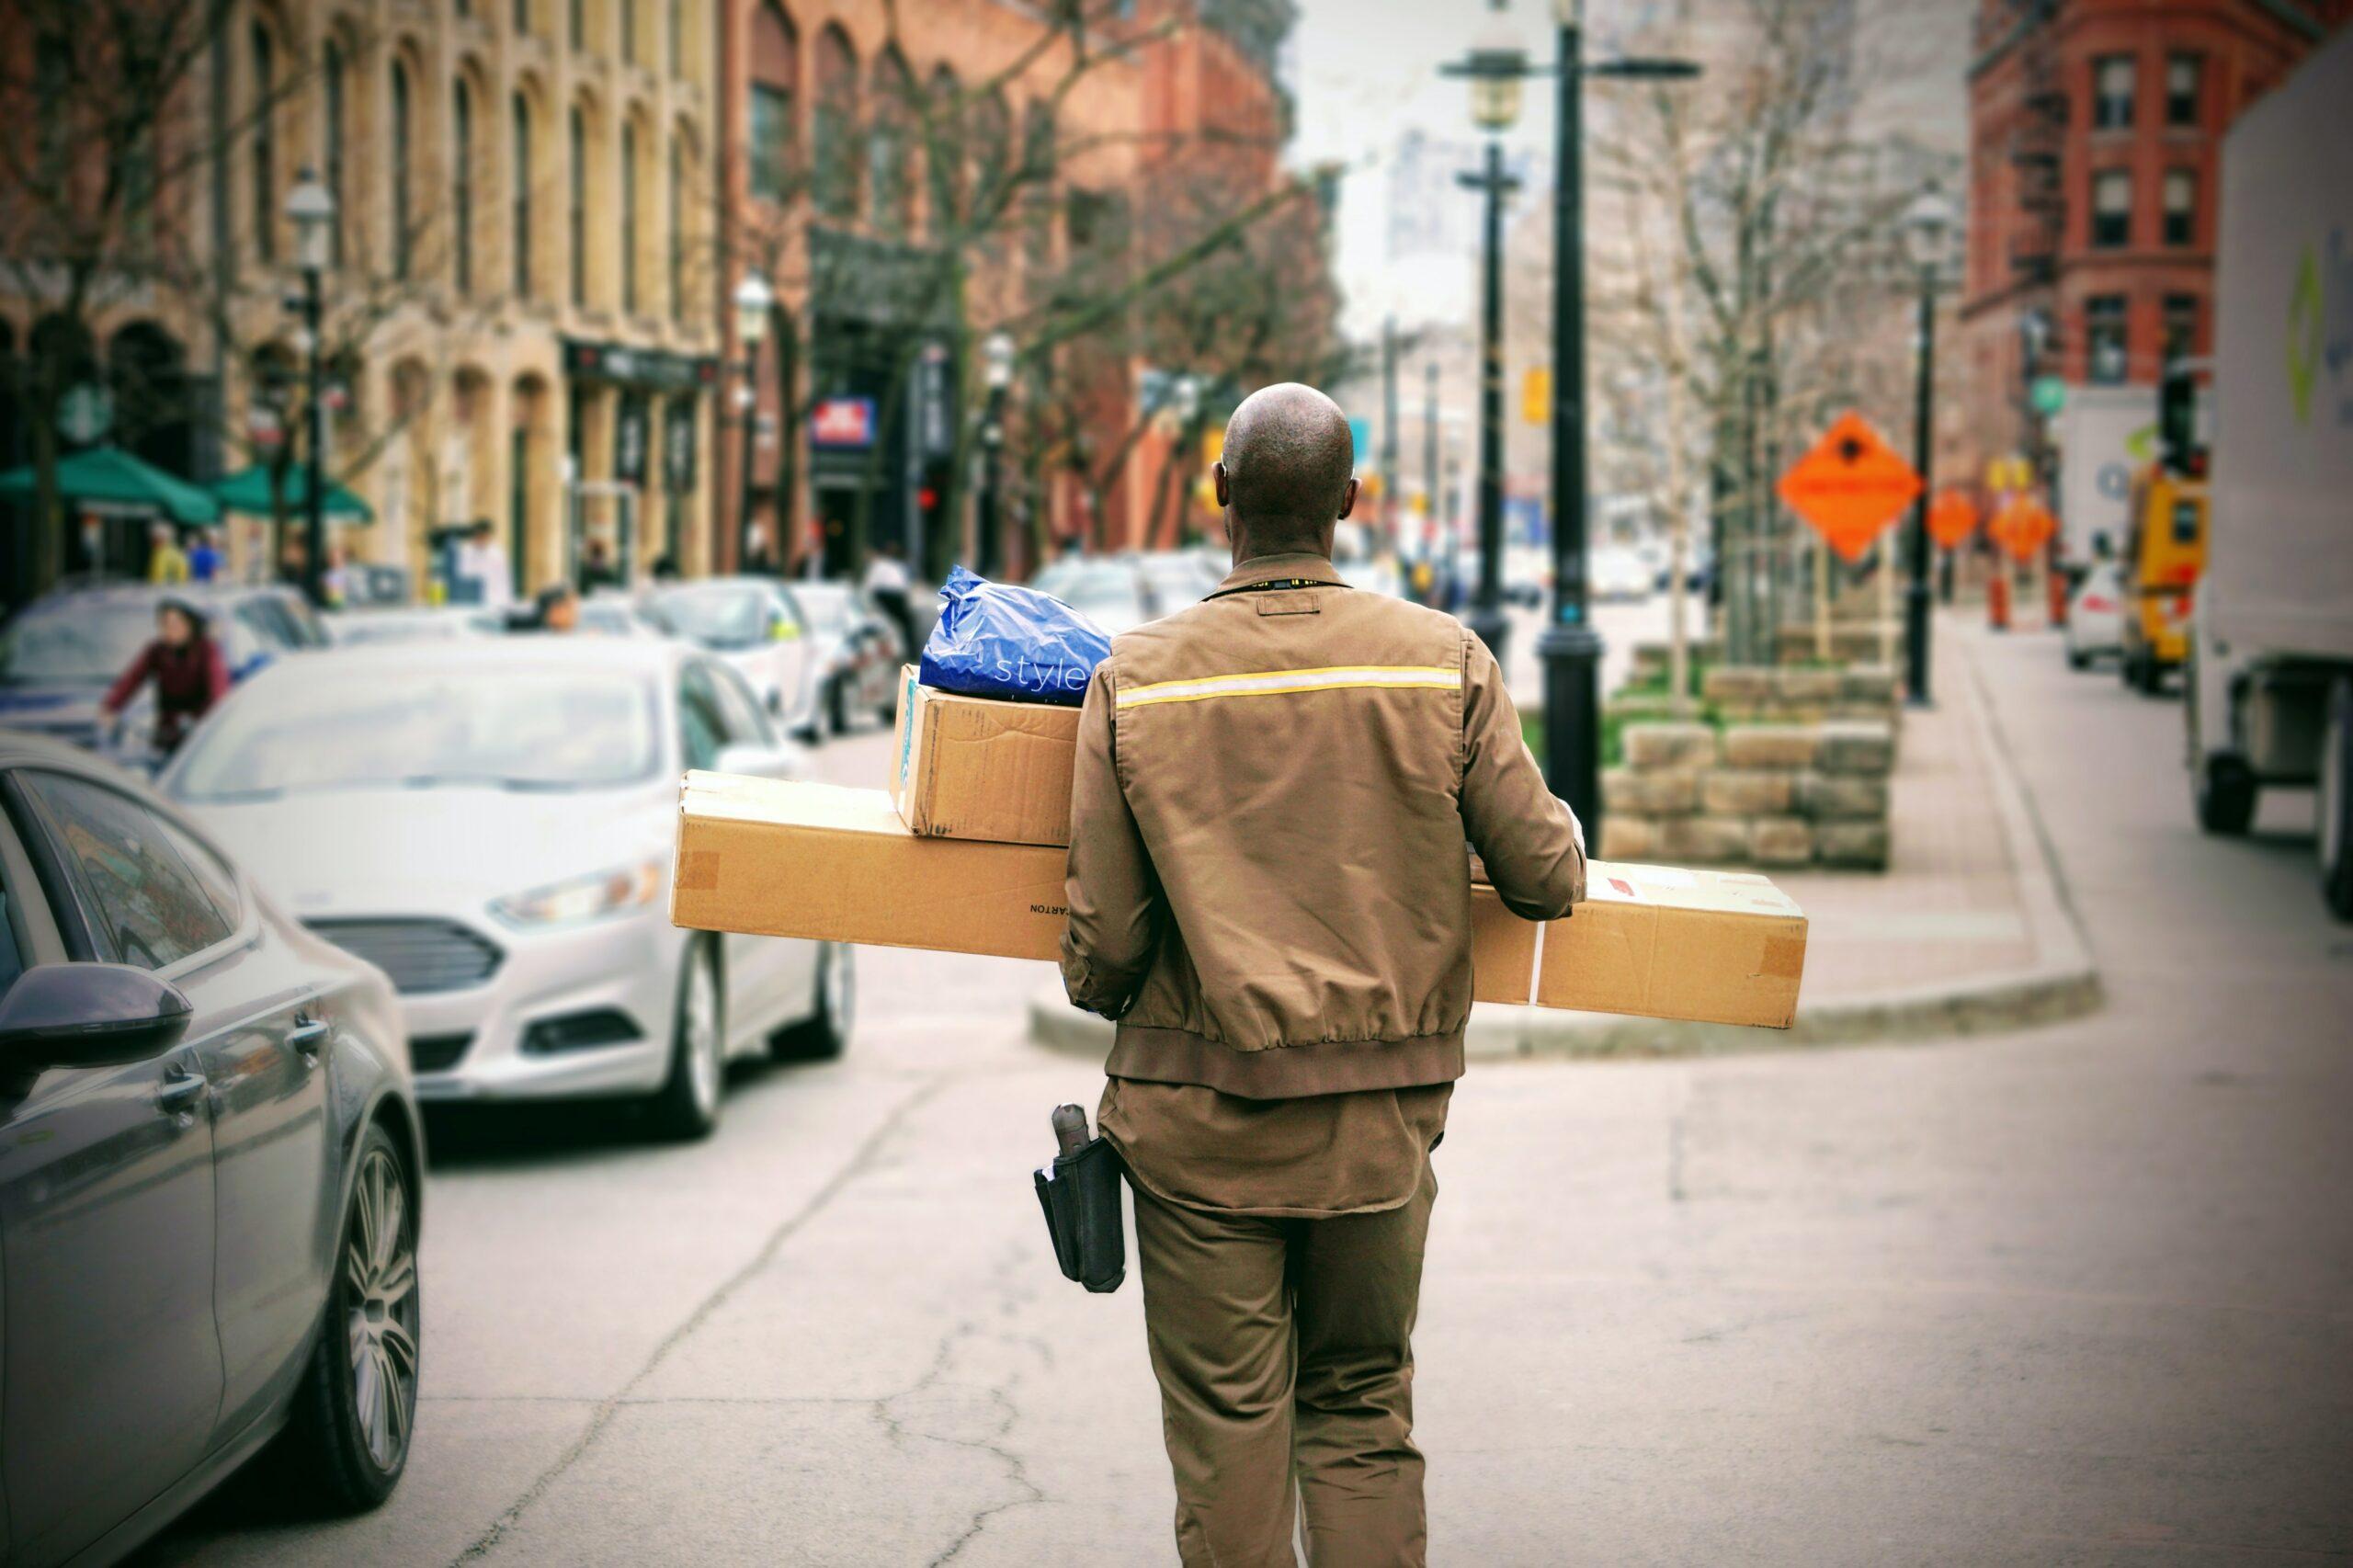 Przesyłka gabarytowa – czym jest i jak ją wysłać?